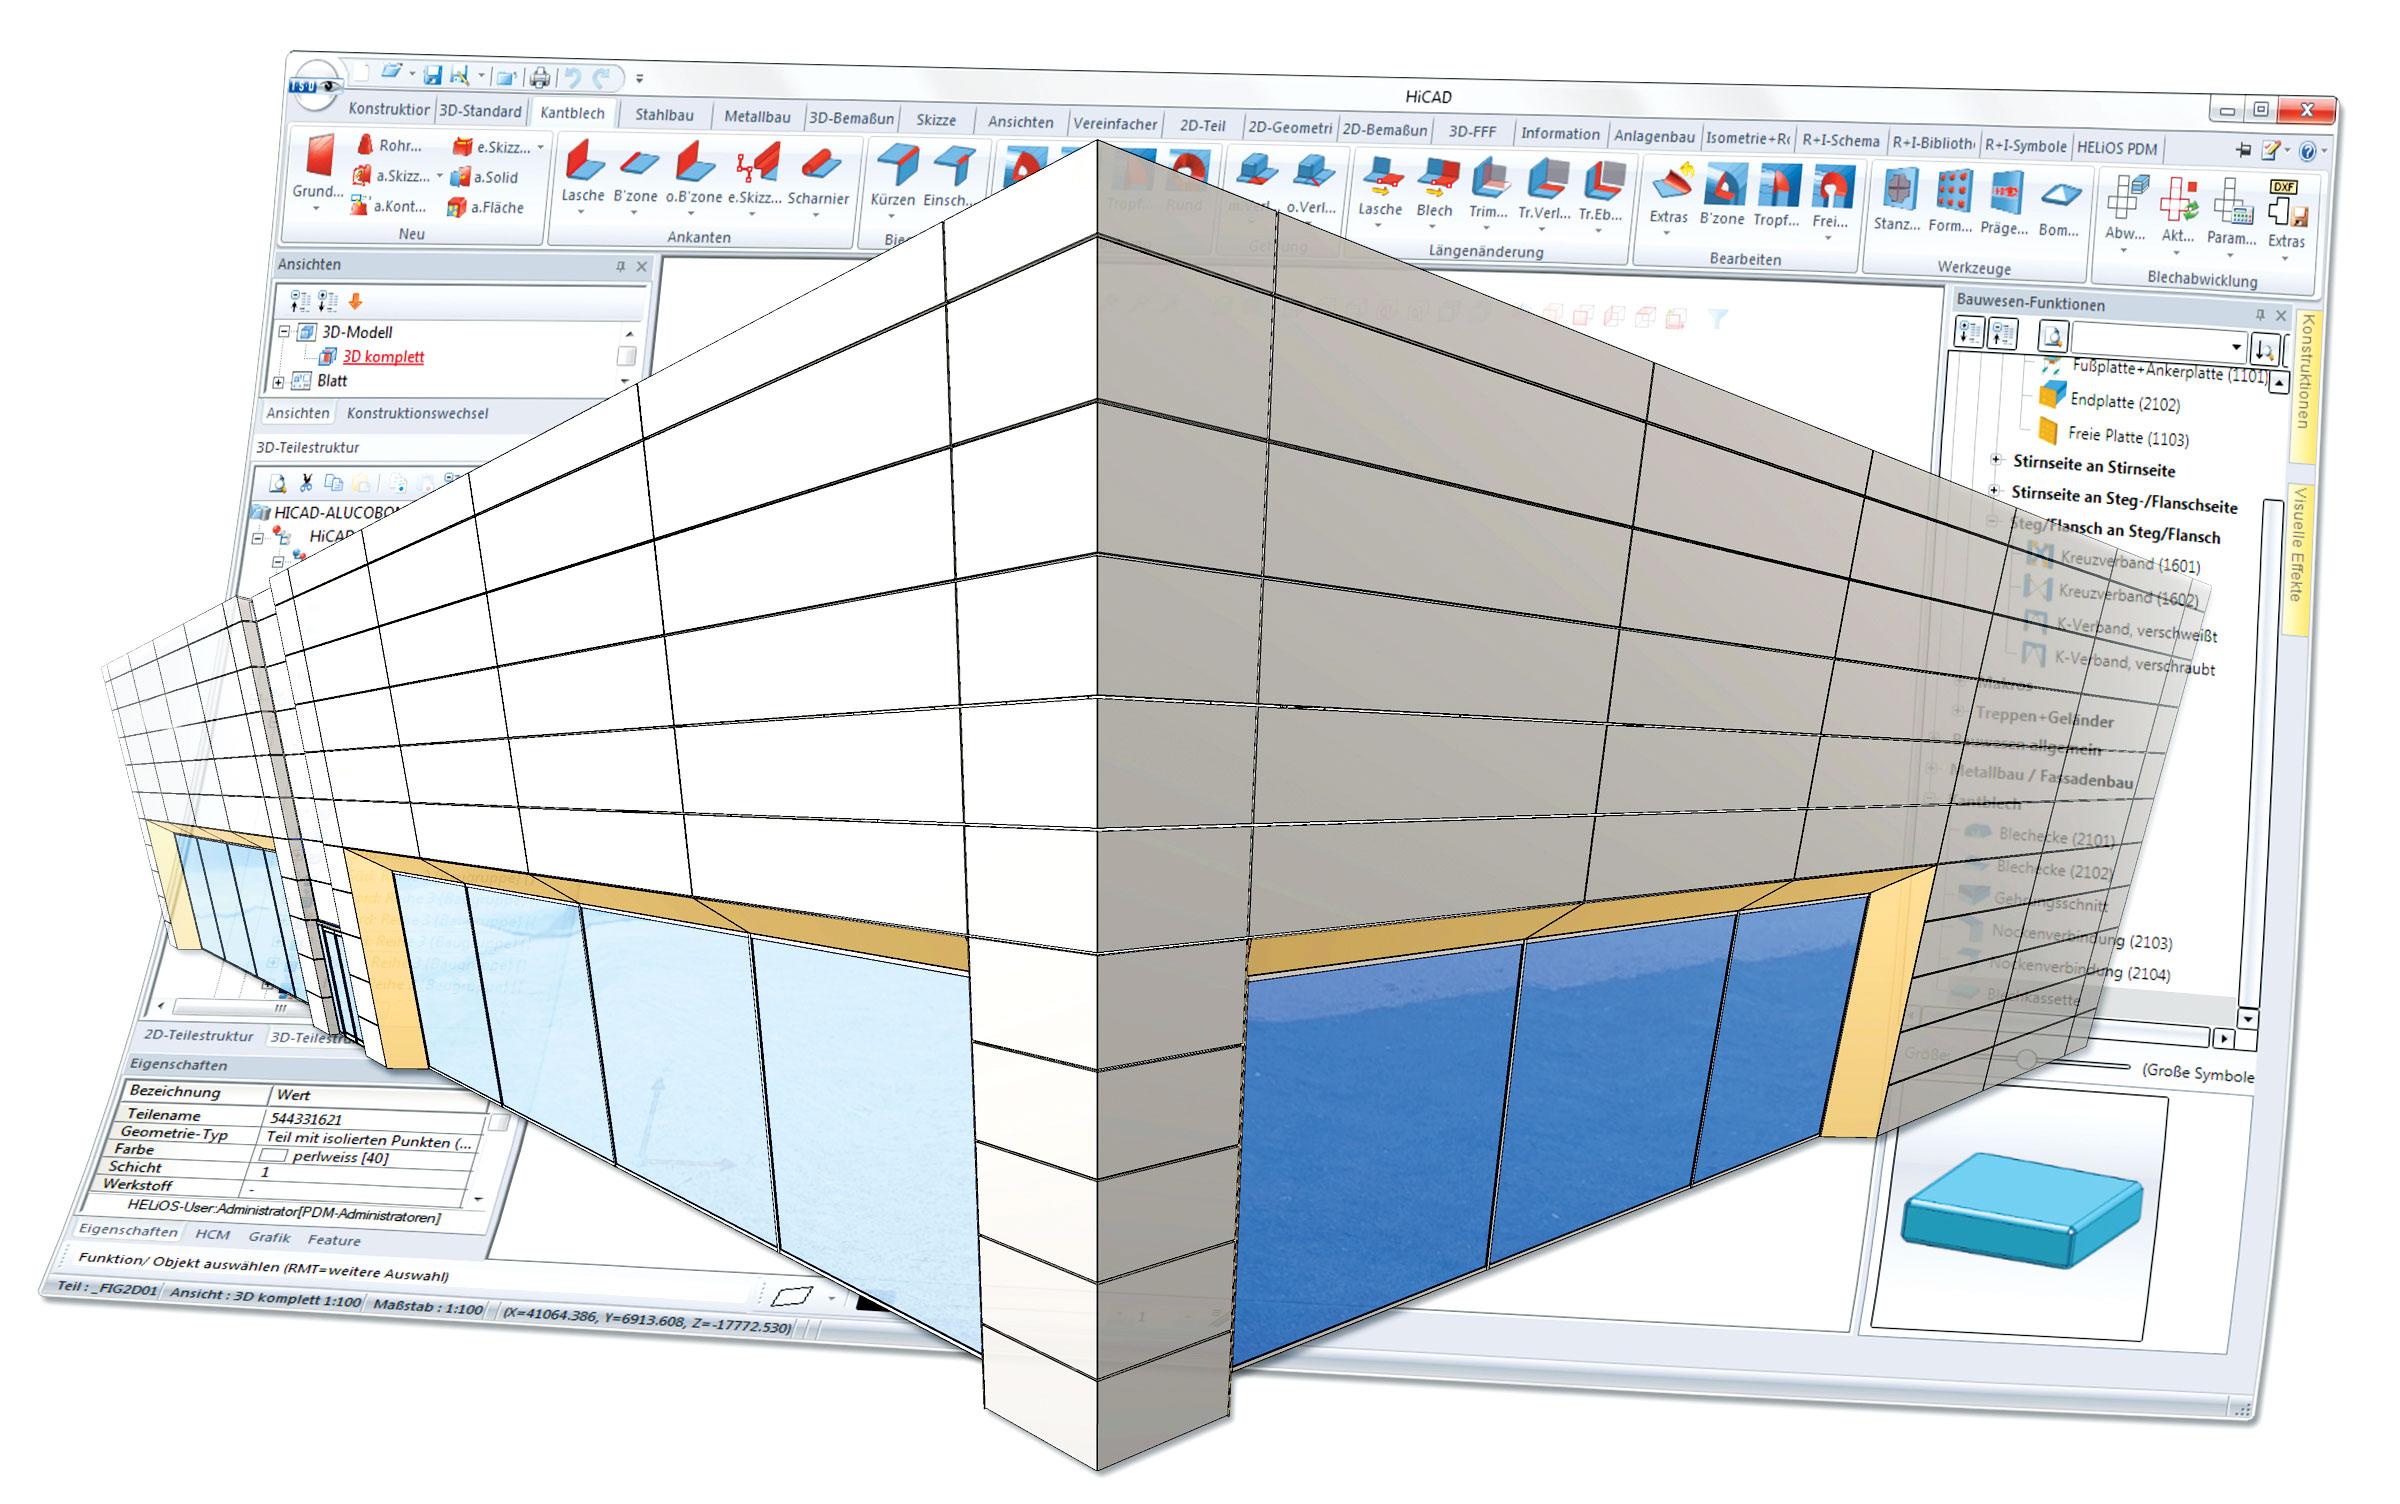 Welcome to SG Facade Engineering Pte Ltd | Windoor & Facade